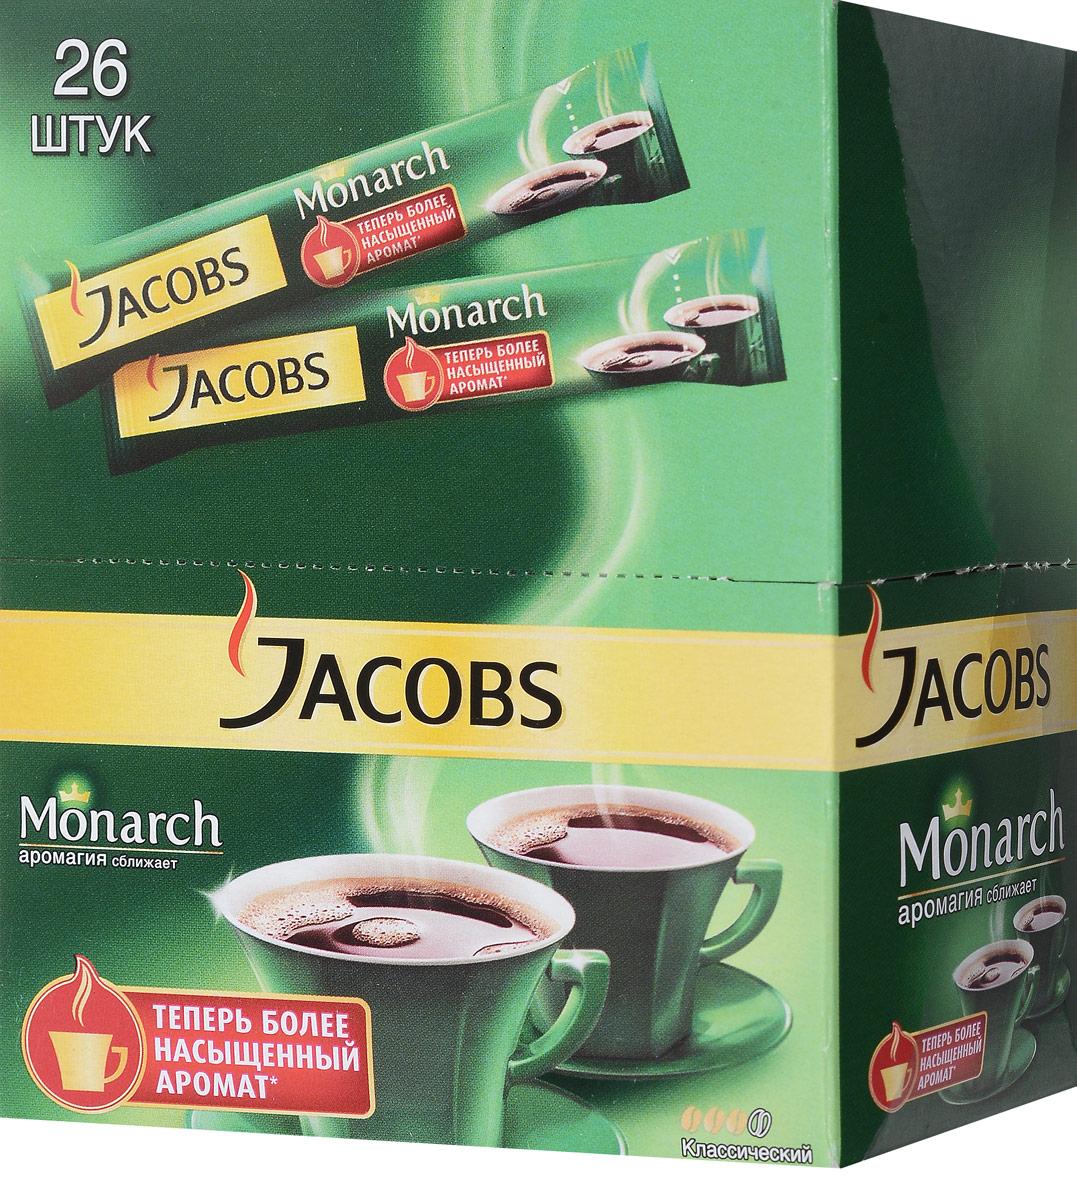 Jacobs Monarch кофе растворимый в пакетиках, 26 шт625648Jacobs Monarch обладает богатым, классическим вкусом и притягательным ароматом благодаря искусному сочетанию отборных кофейных зерен и глубокой обжарке. Почувствуйте как его Аромагия заполняет все вокруг, создавая атмосферу теплоты и общения. Уважаемые клиенты! Обращаем ваше внимание на то, что упаковка может иметь несколько видов дизайна. Поставка осуществляется в зависимости от наличия на складе.